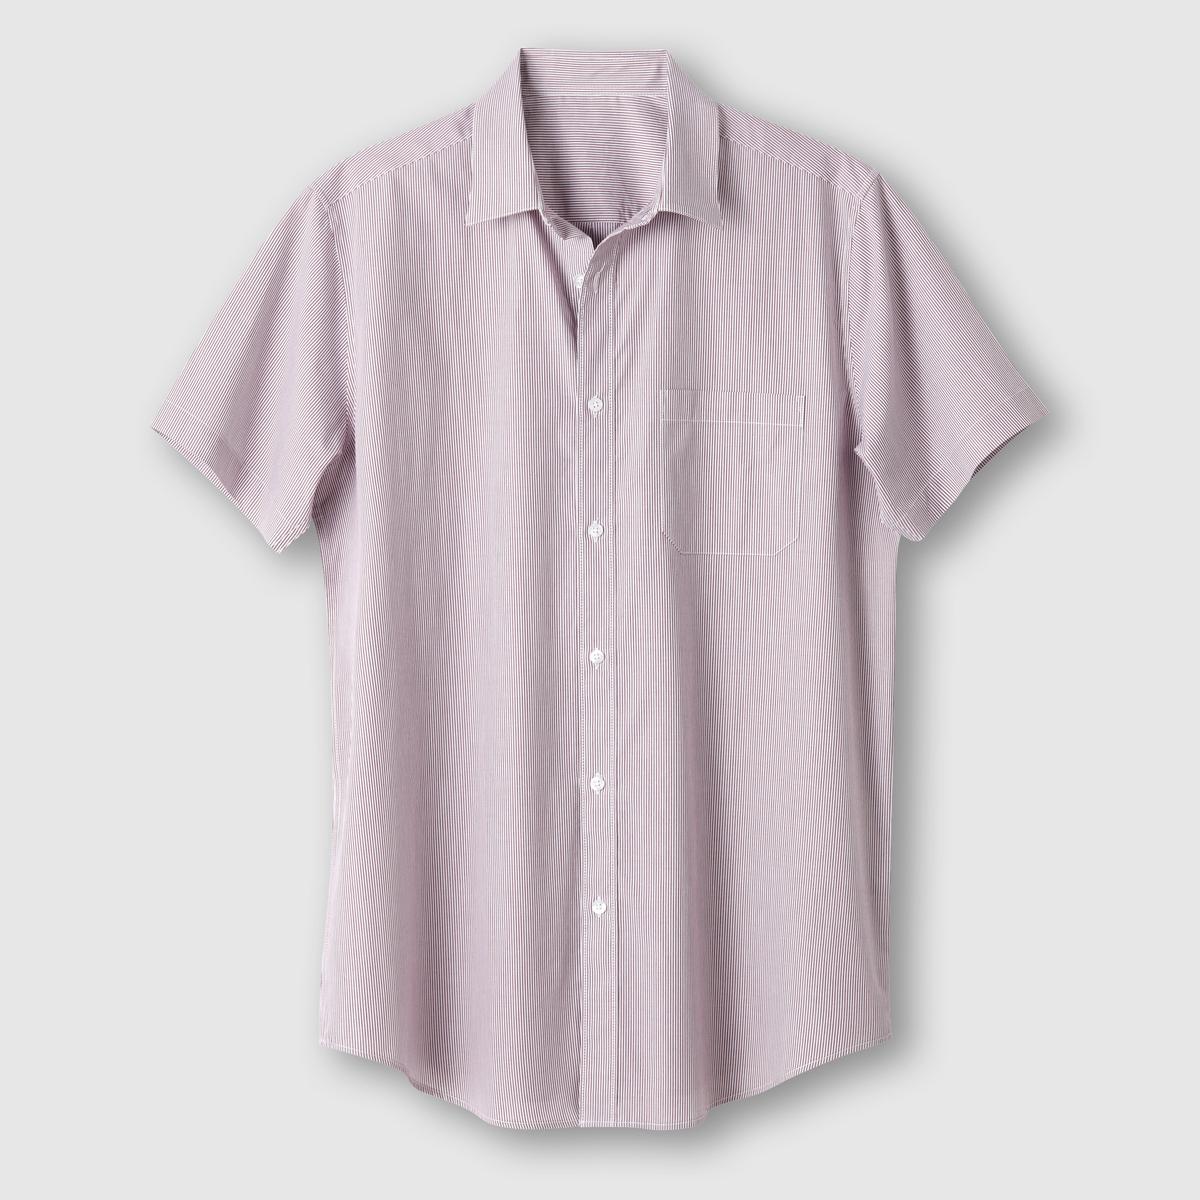 Рубашка с короткими рукавами, рост 1 и 2 (до 1,87 м)Рубашка с короткими рукавами.  Из оригинального поплина в полоску или в клетку с окрашенными волокнами. Воротник со свободными уголками. 1 нагрудный карман. Складка с вешалкой сзади. Слегка закругленный низ.Поплин, 100% хлопок. Рост 1 и 2 (при росте 1,87 м) :  длина рубашки 85 см, длина рукава 24 см.<br><br>Цвет: в клетку серый/синий,в полоску бордовый/белый<br>Размер: 51/52.47/48